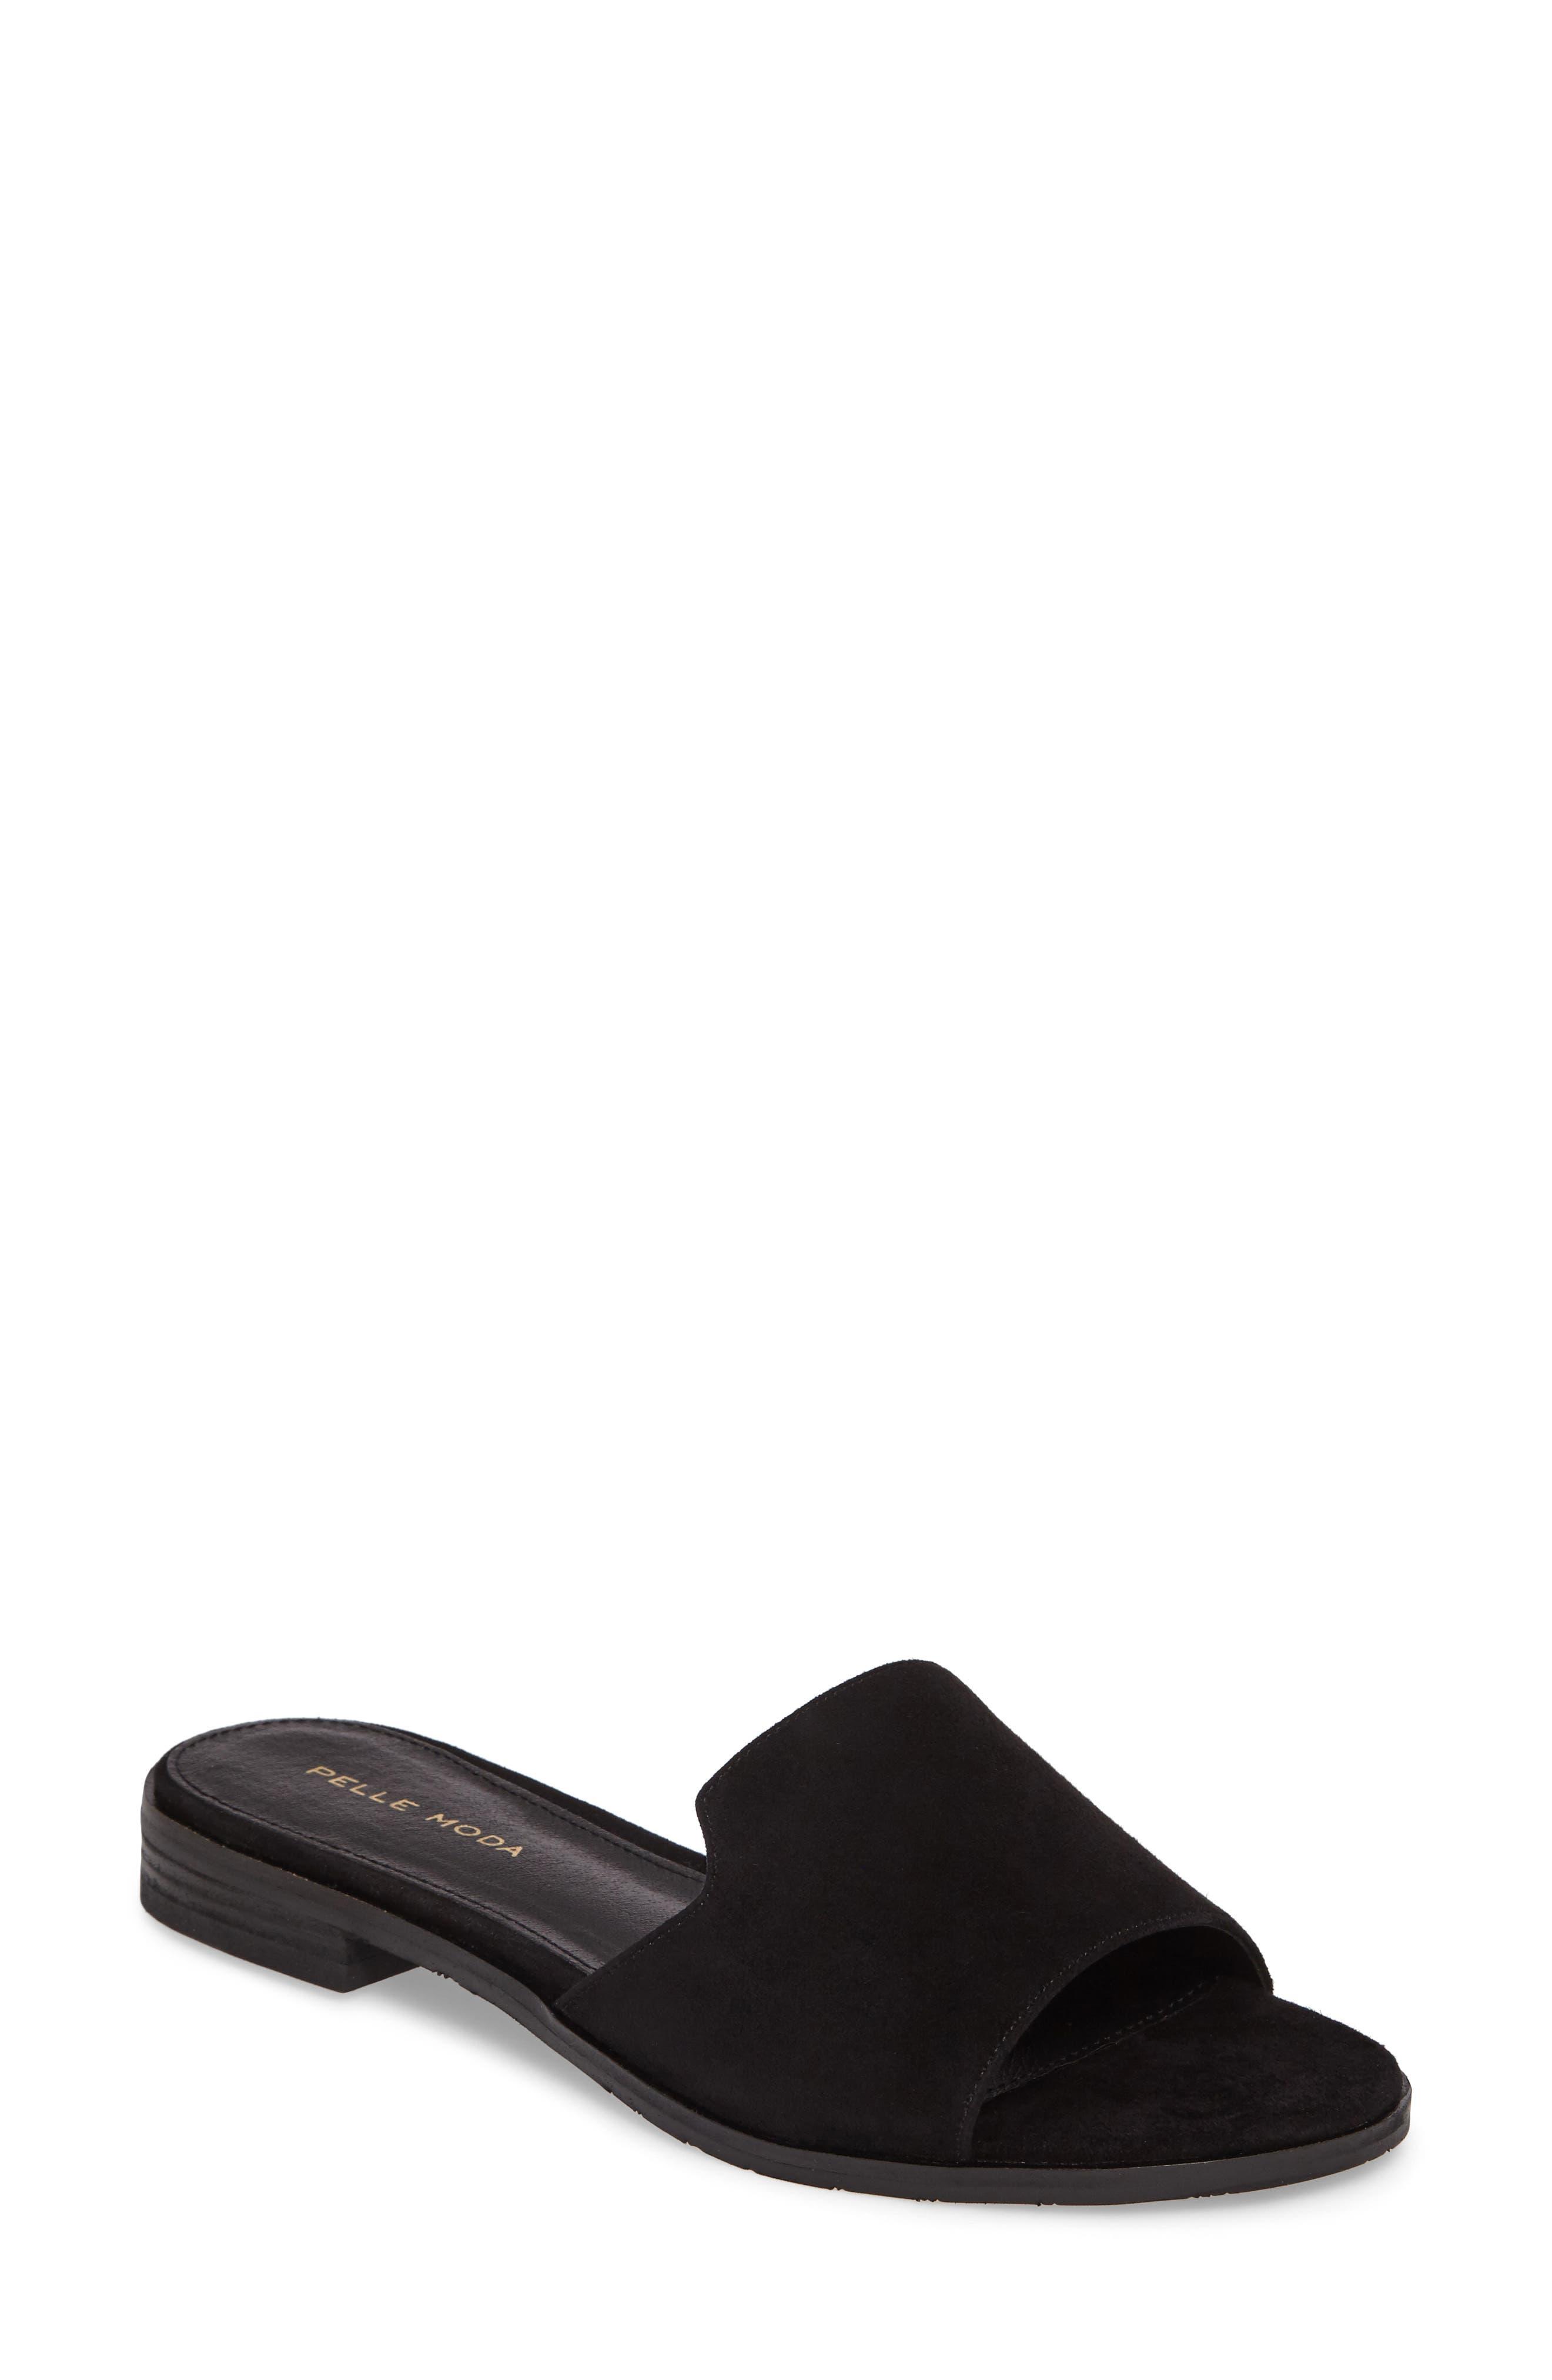 Hailey Slide Sandal,                             Main thumbnail 1, color,                             001